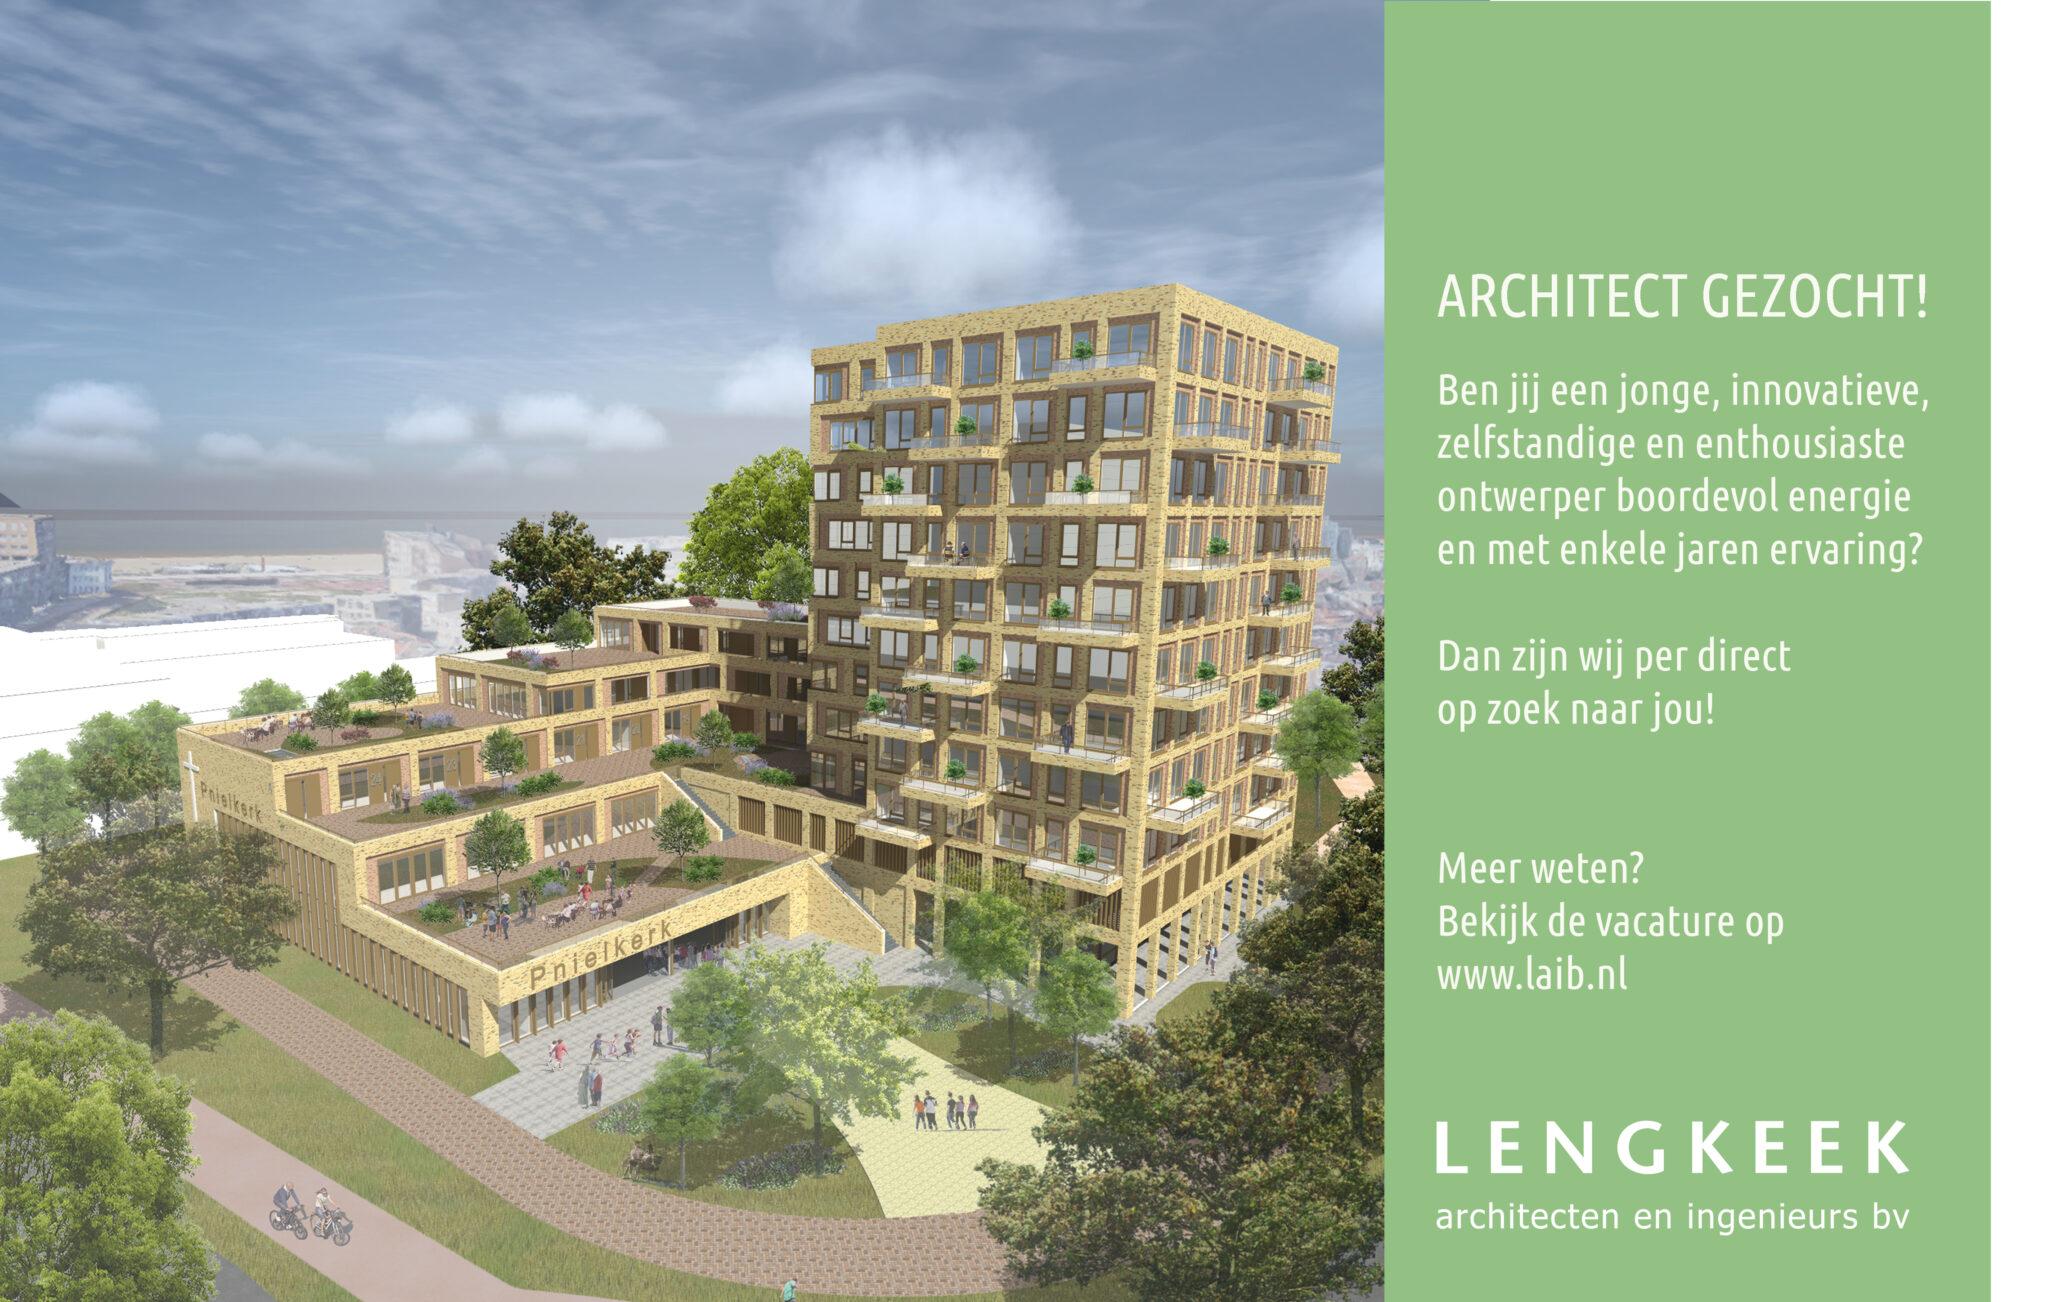 Architect Gezocht Lengkeek Architecten